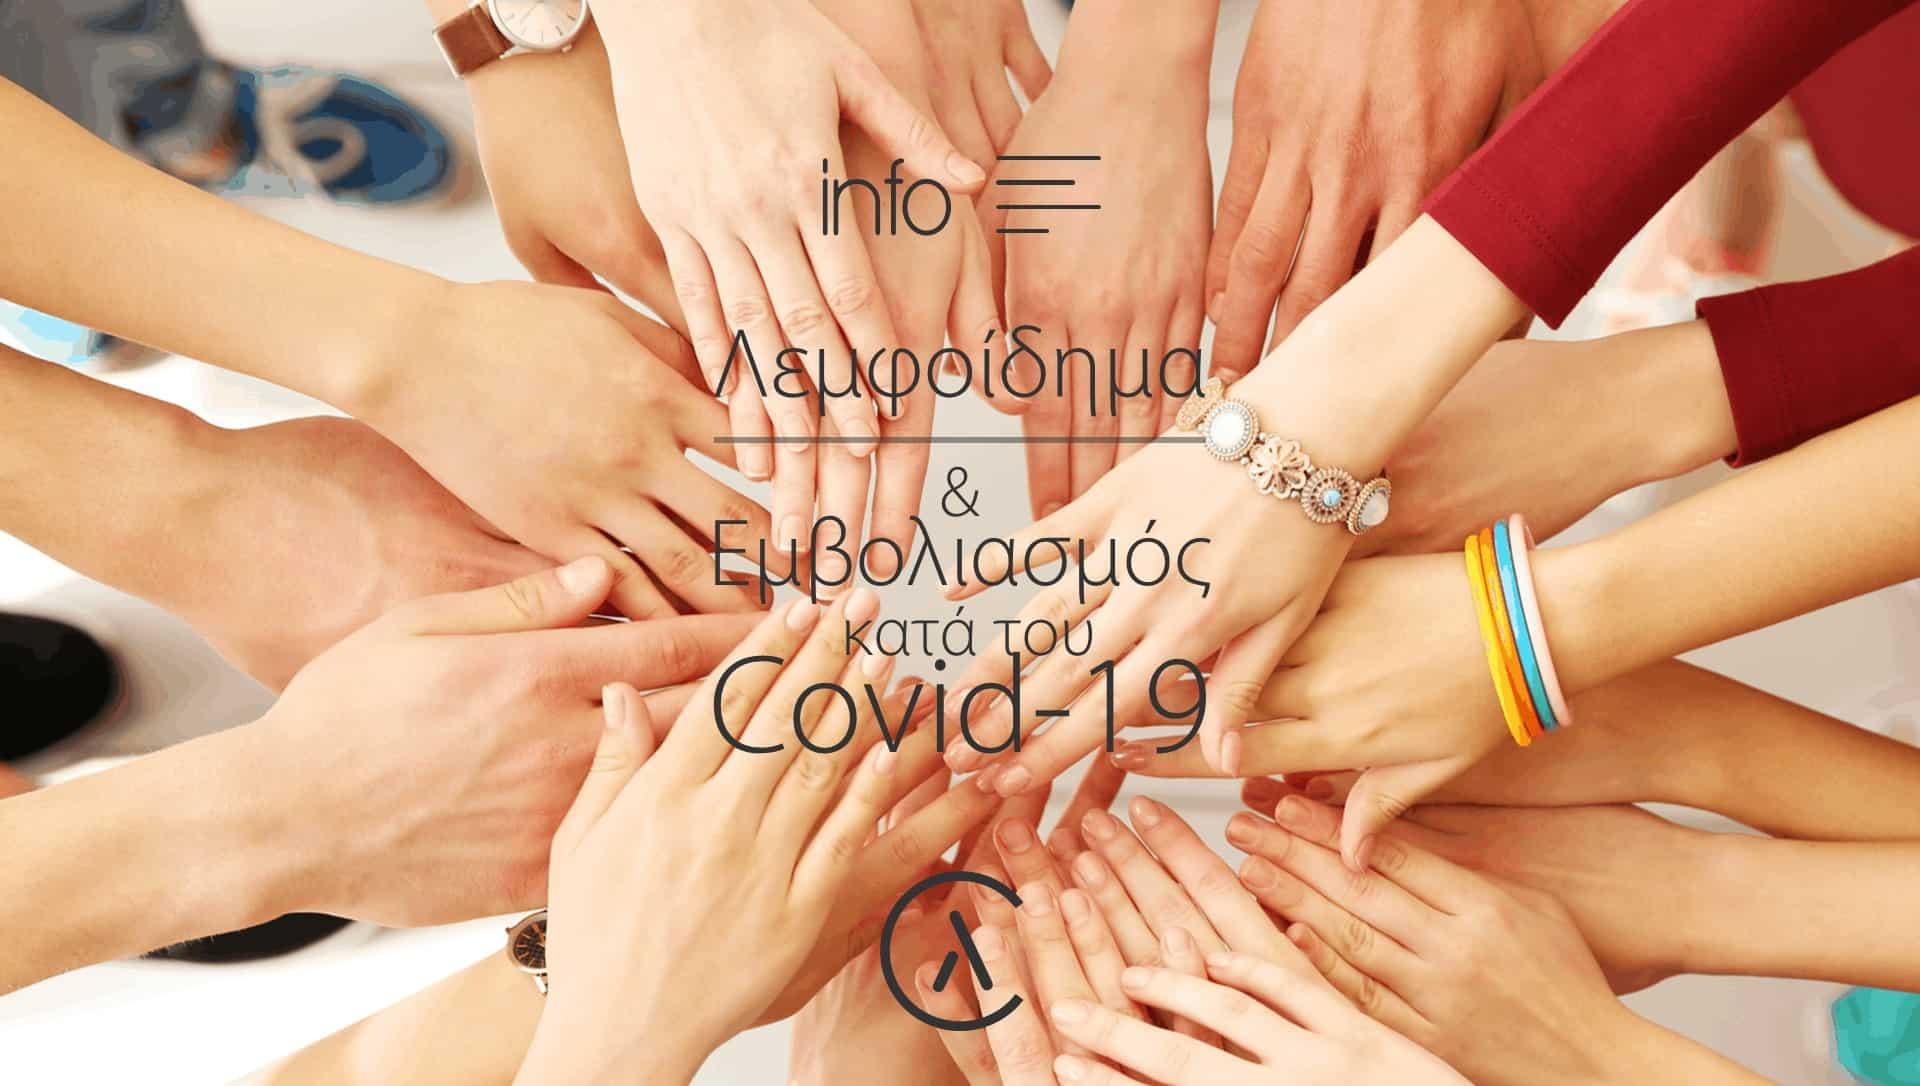 Λεμφοίδημα και Εμβολιασμός κατά του Covid-19   The Lymphedema Clinic